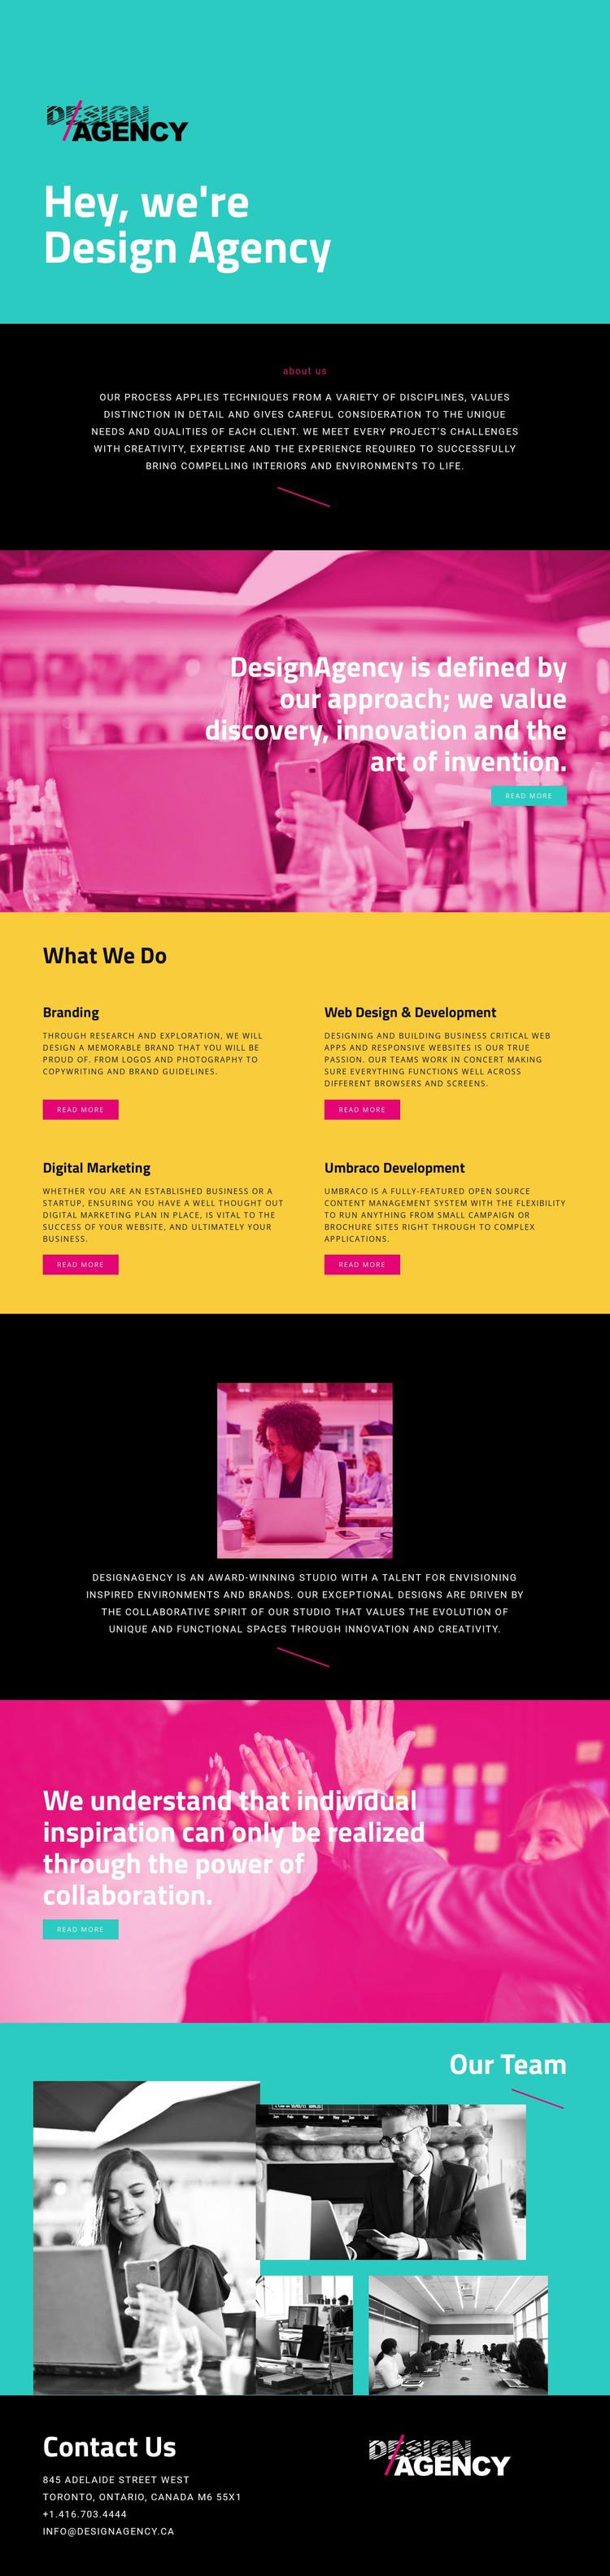 Hello, we are design agency Web Design